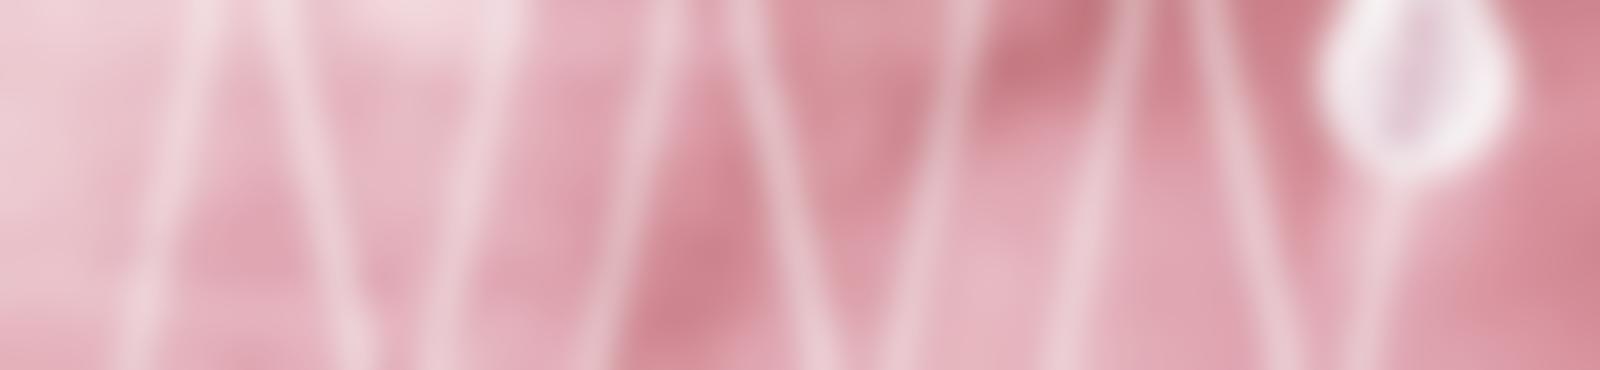 Blurred 10a20ddd 6181 4300 a9e9 ac82ba1f635b